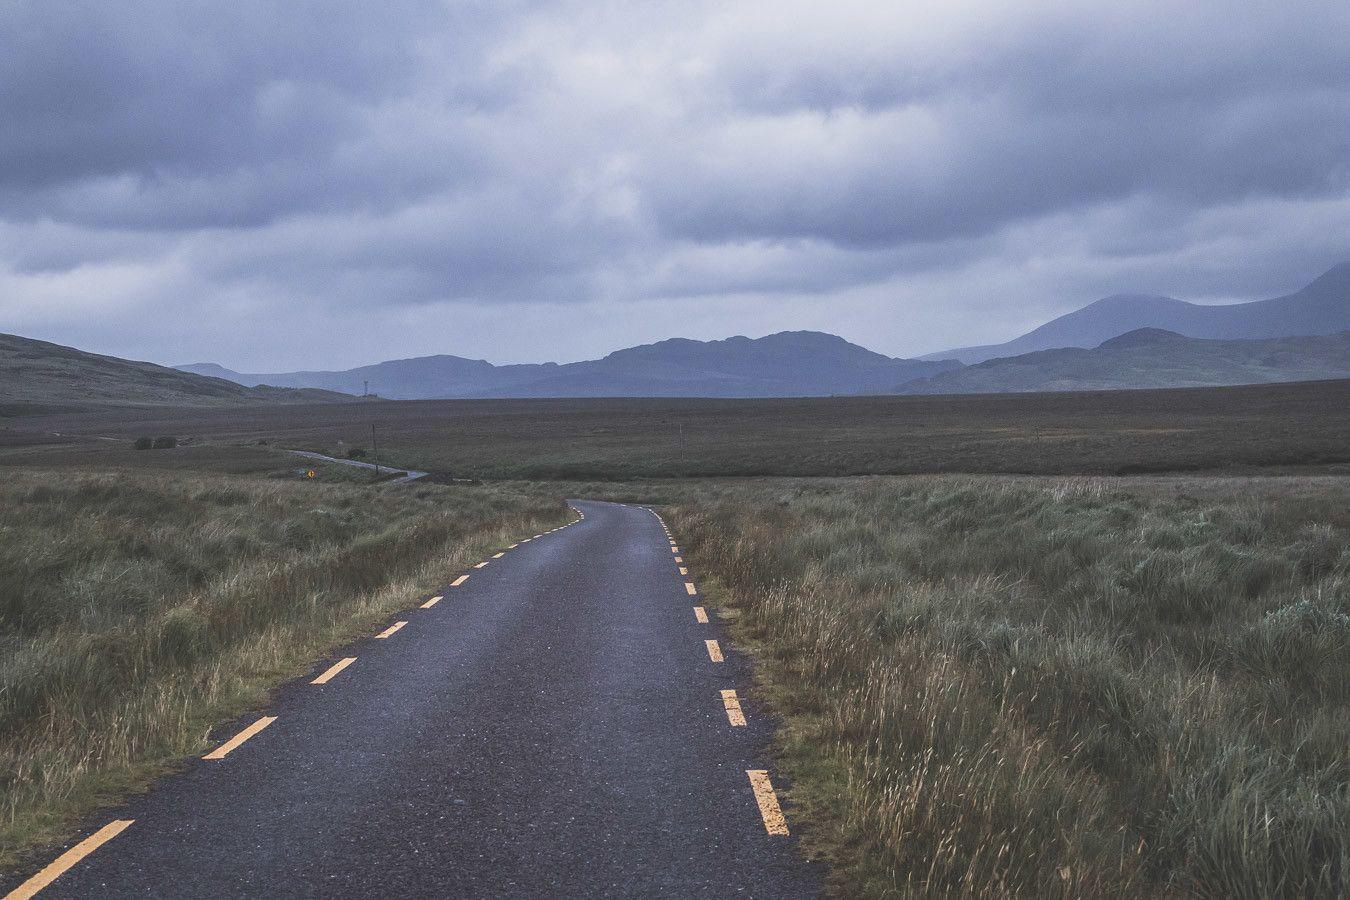 Rouler de nuit sur le Ballaghisheen Pass en Irlande